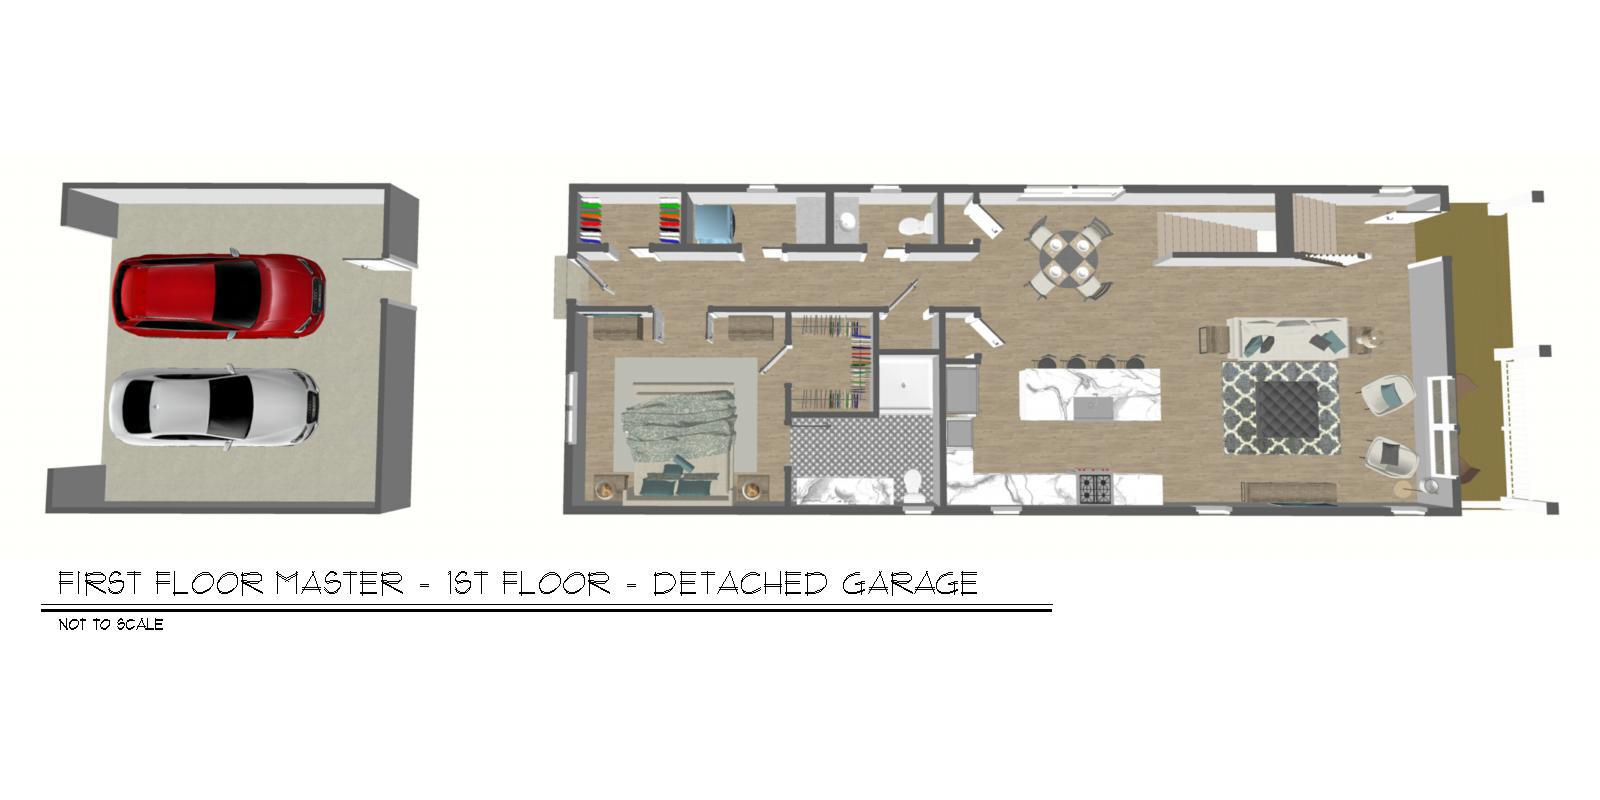 Foxtown, Mequon, New Home, First Floor Floor Plan, Detached Garage